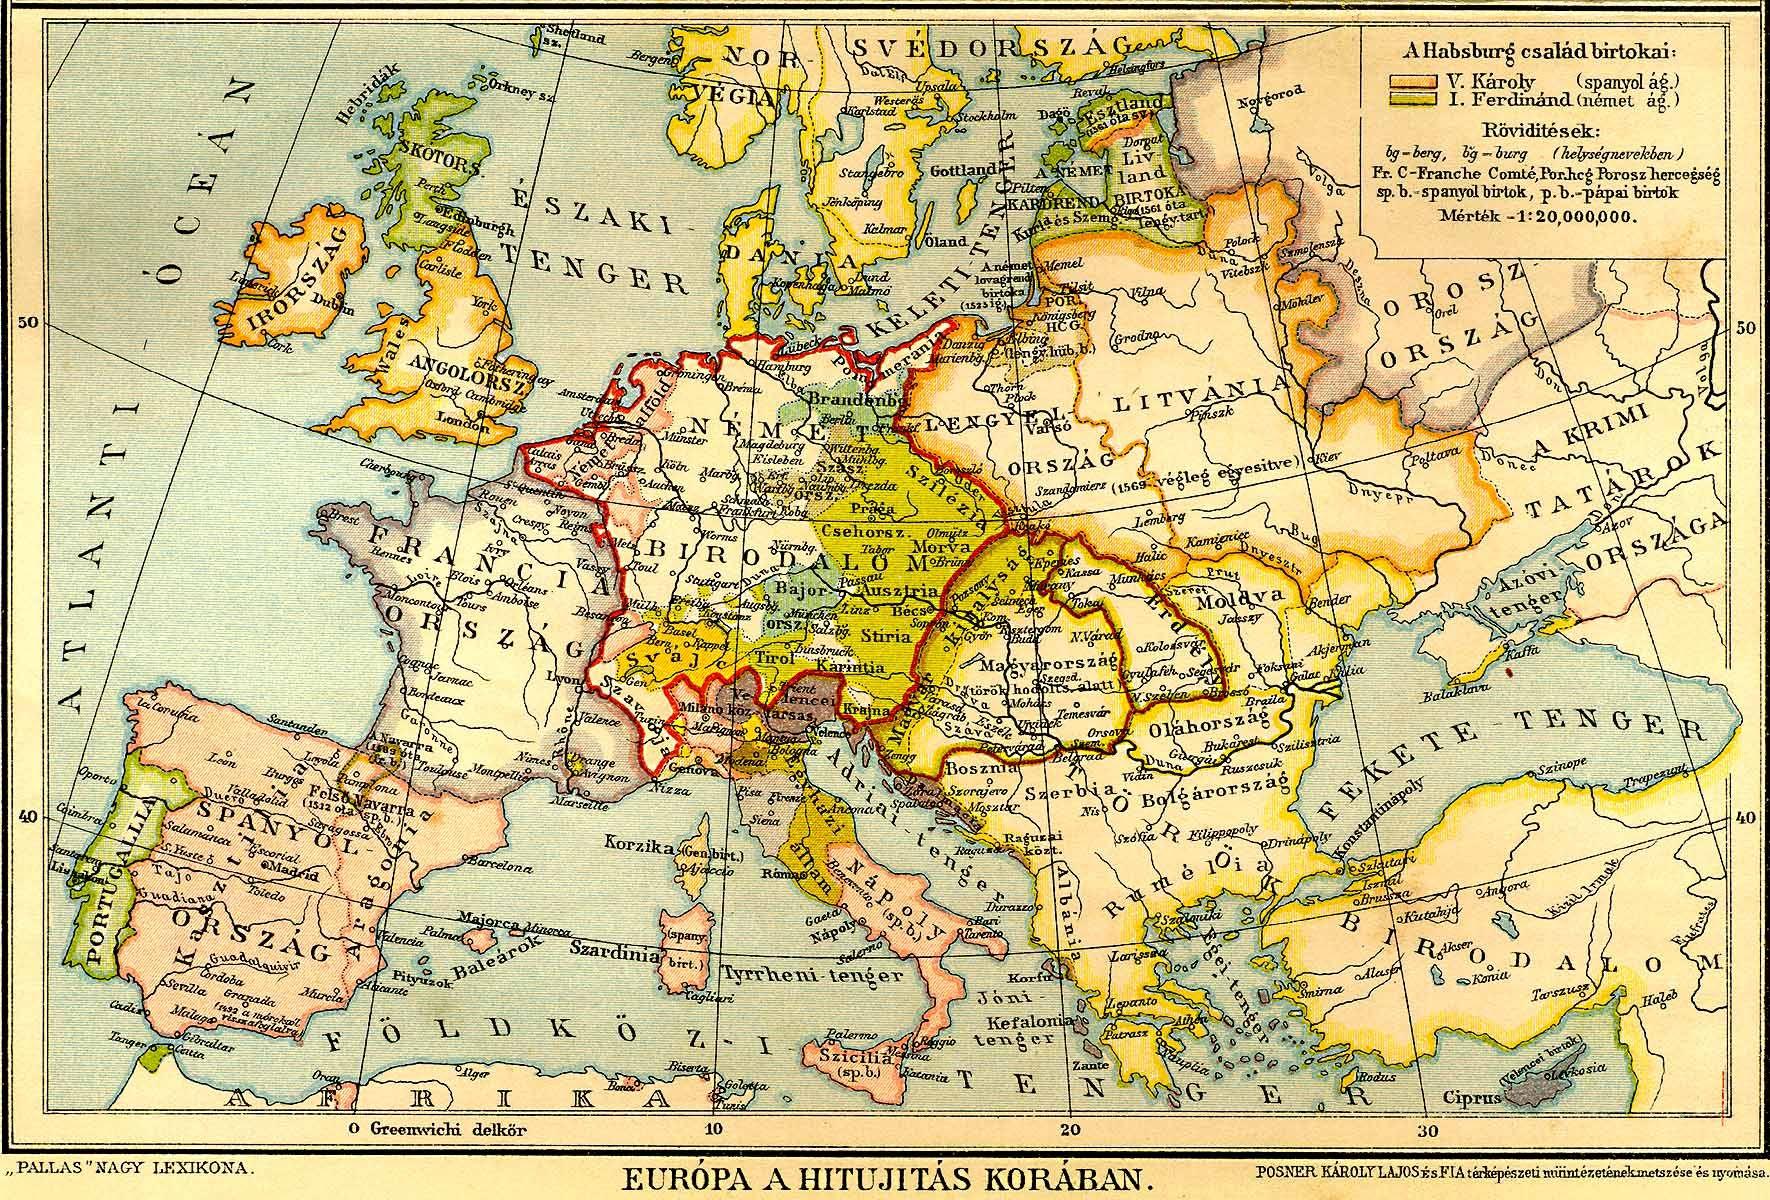 Kozepkori Europa Terkep Marlpoint